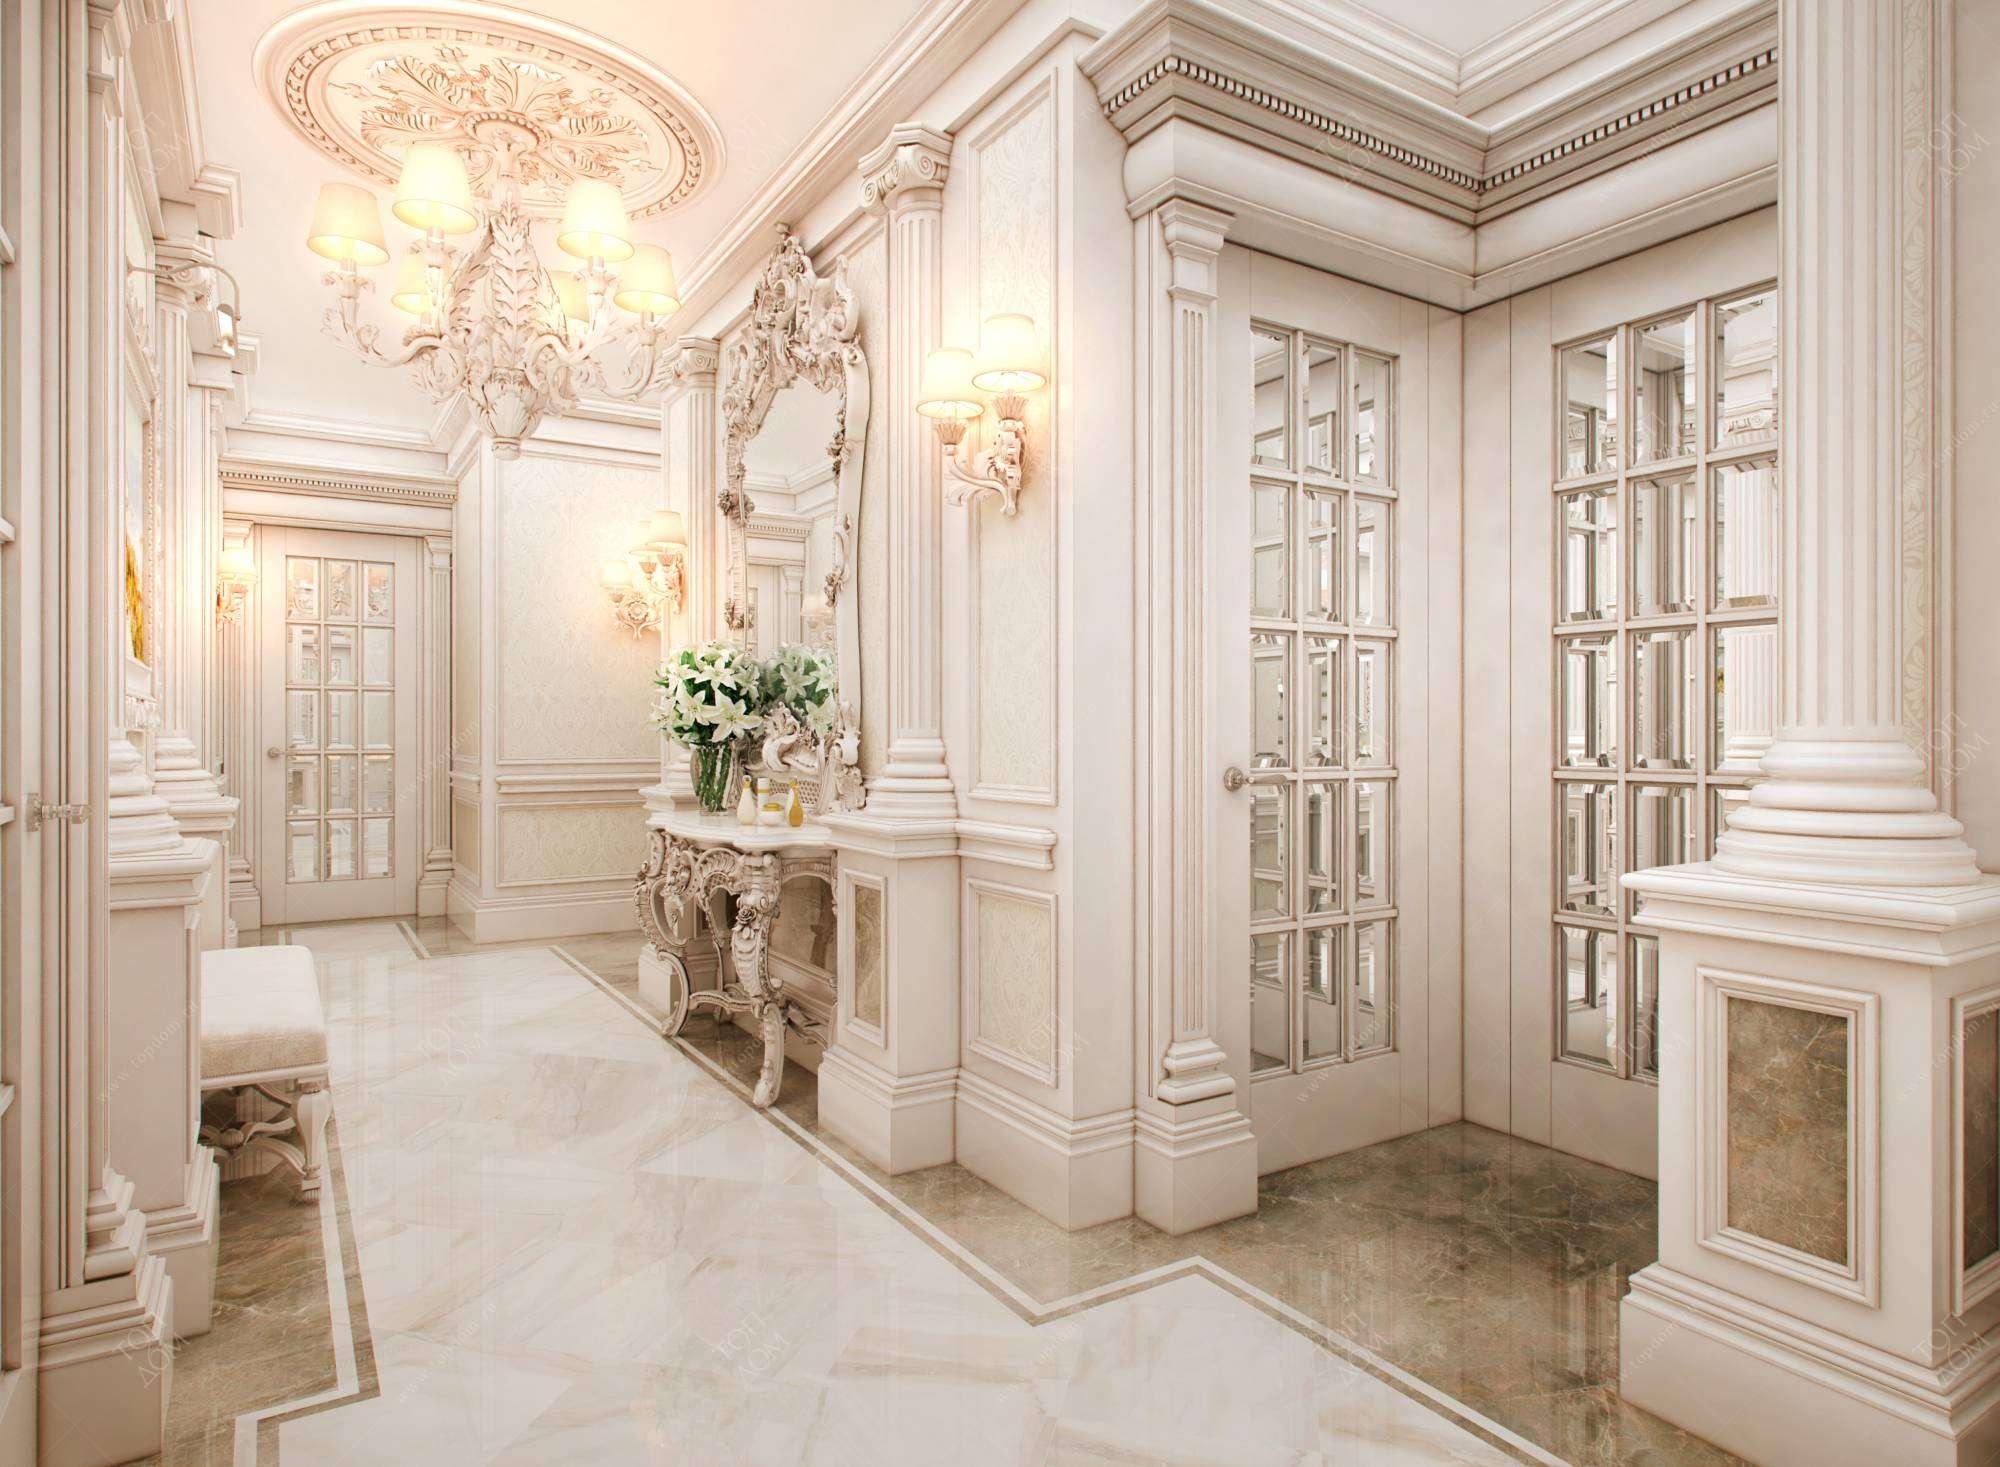 теперь комнаты с колоннами картинки его объективом